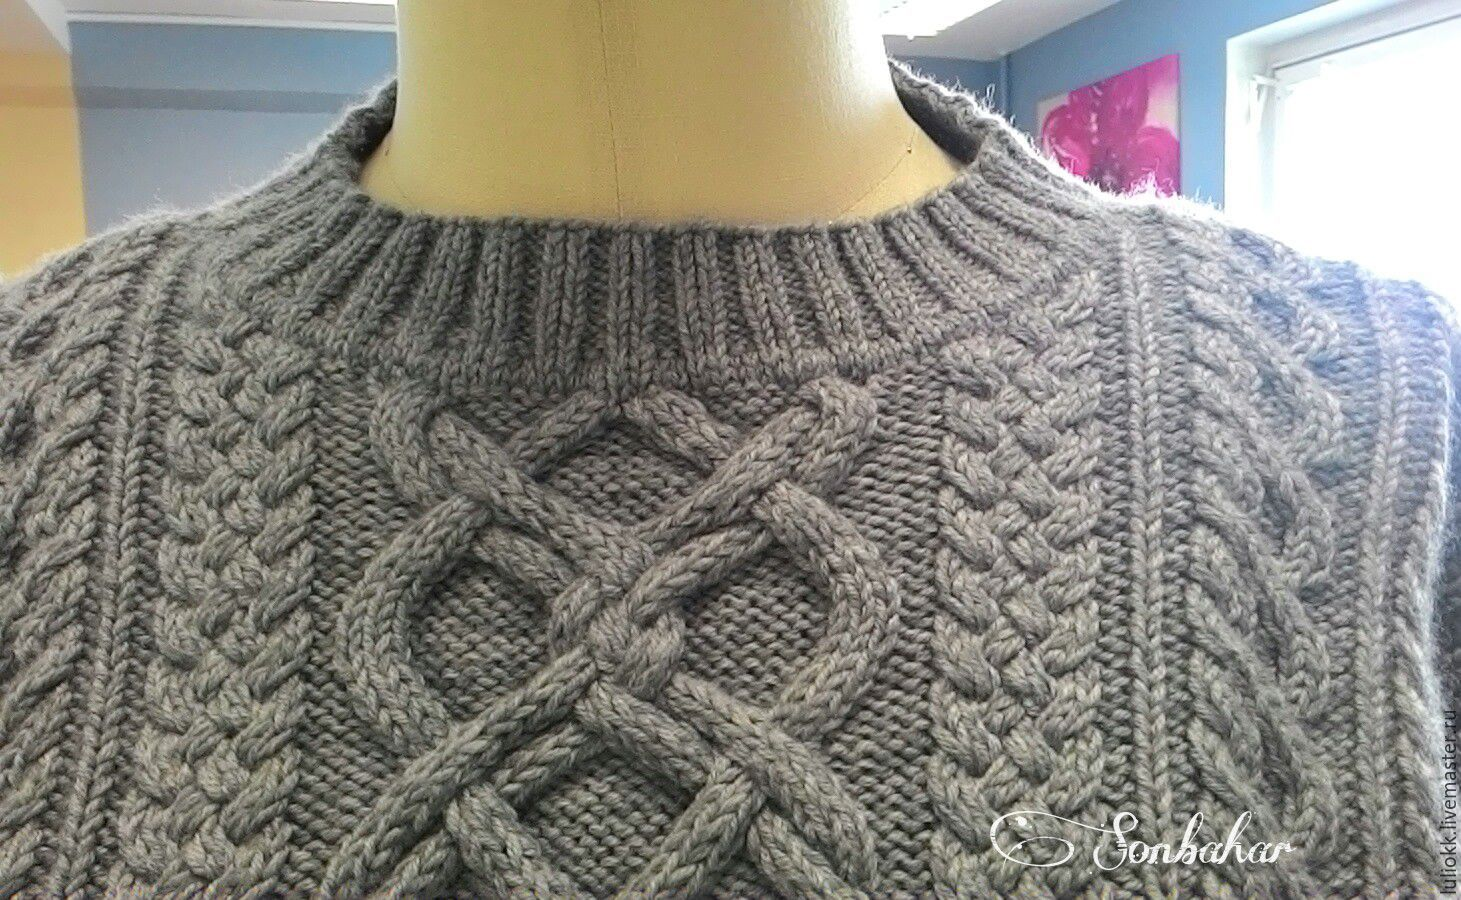 Вязаный свитер ручной работы – купить в интернет-магазине ...